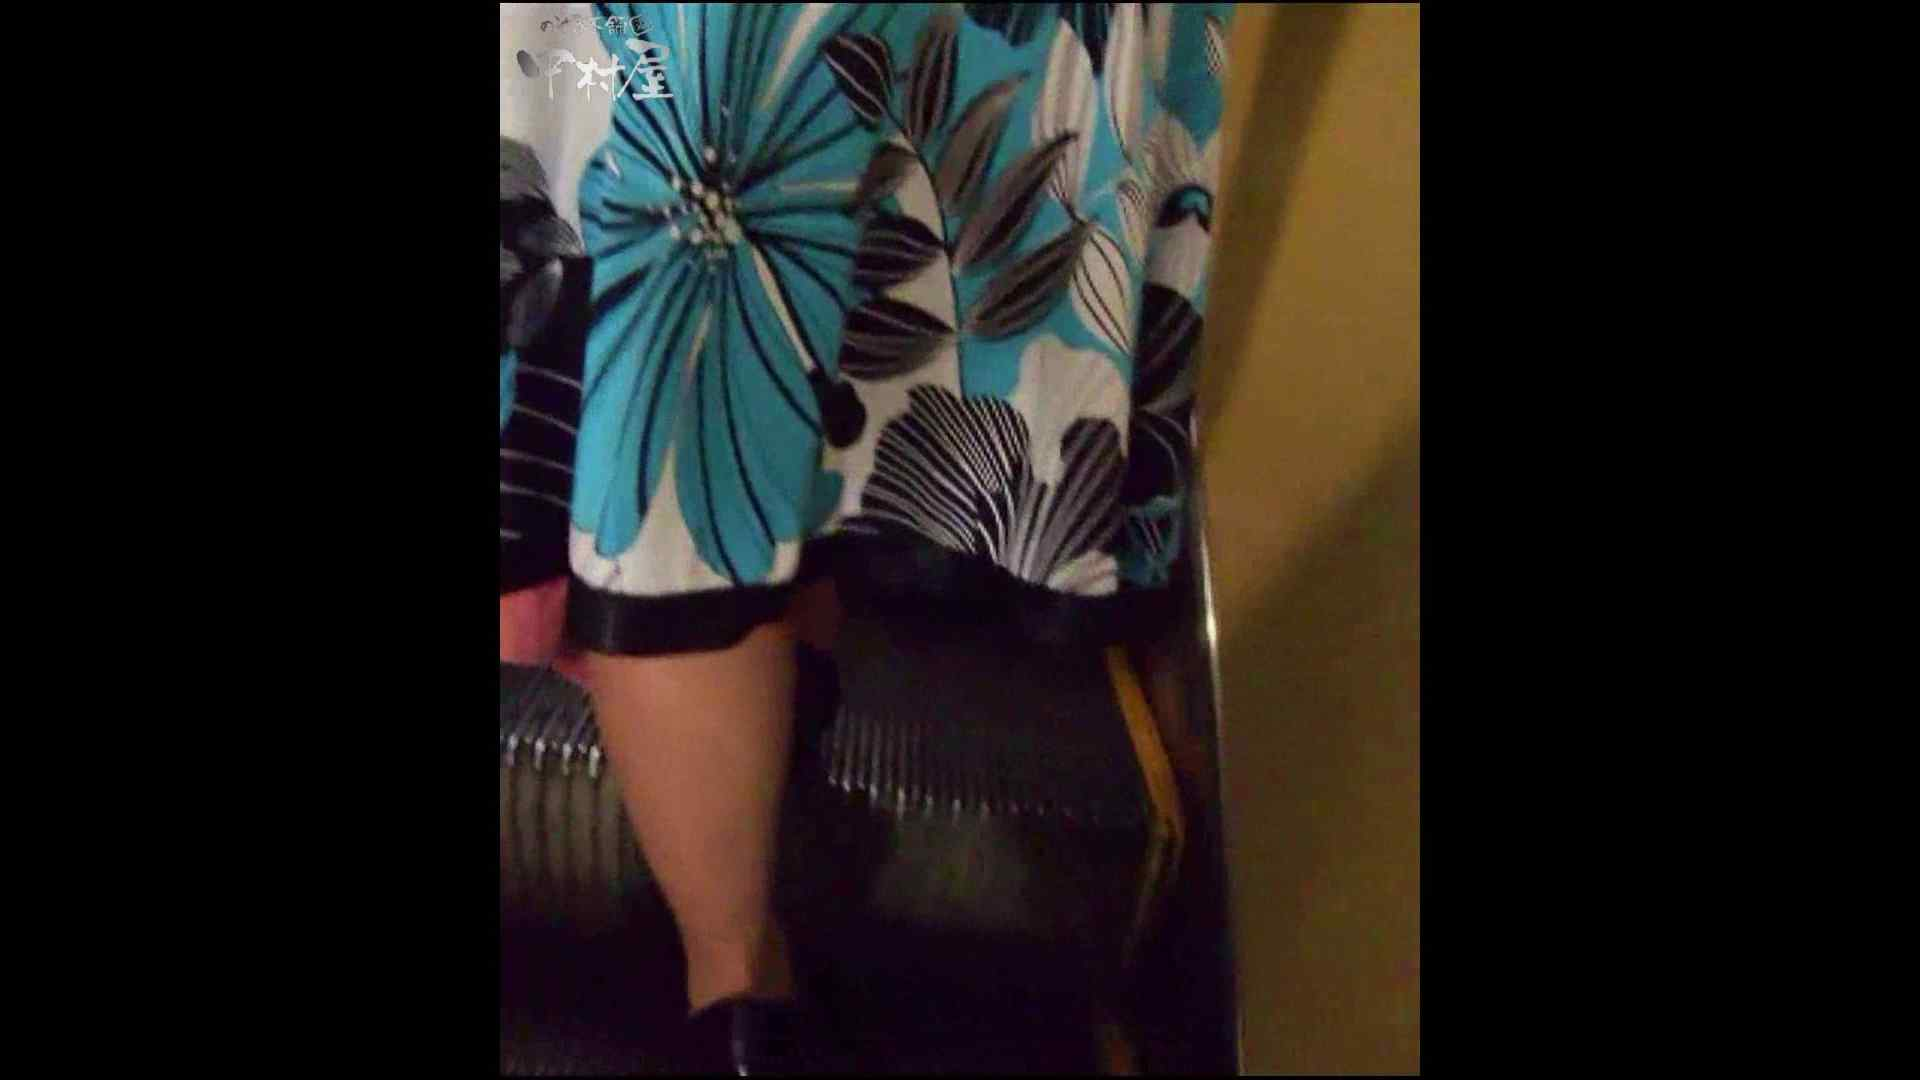 綺麗なモデルさんのスカート捲っちゃおう‼ vol26 お姉さんのエロ動画  77PIX 42